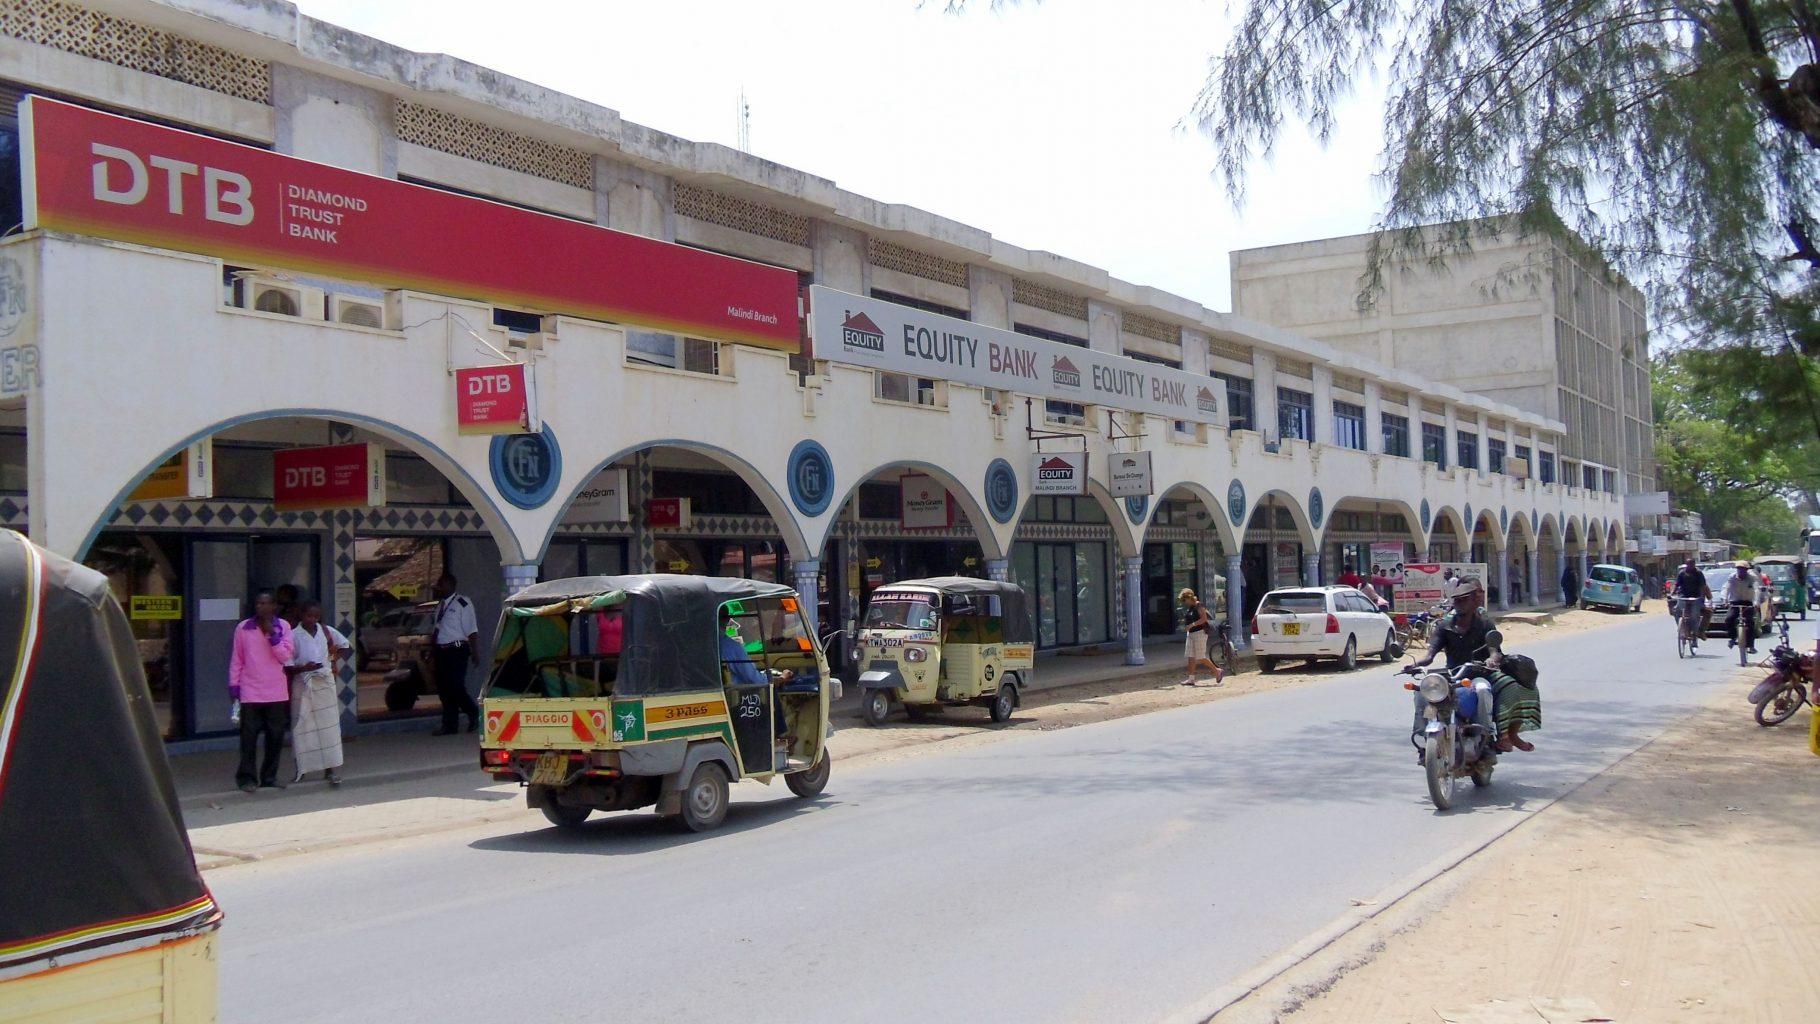 diamond trust bank - dtb and equity bank malindi on lamu road